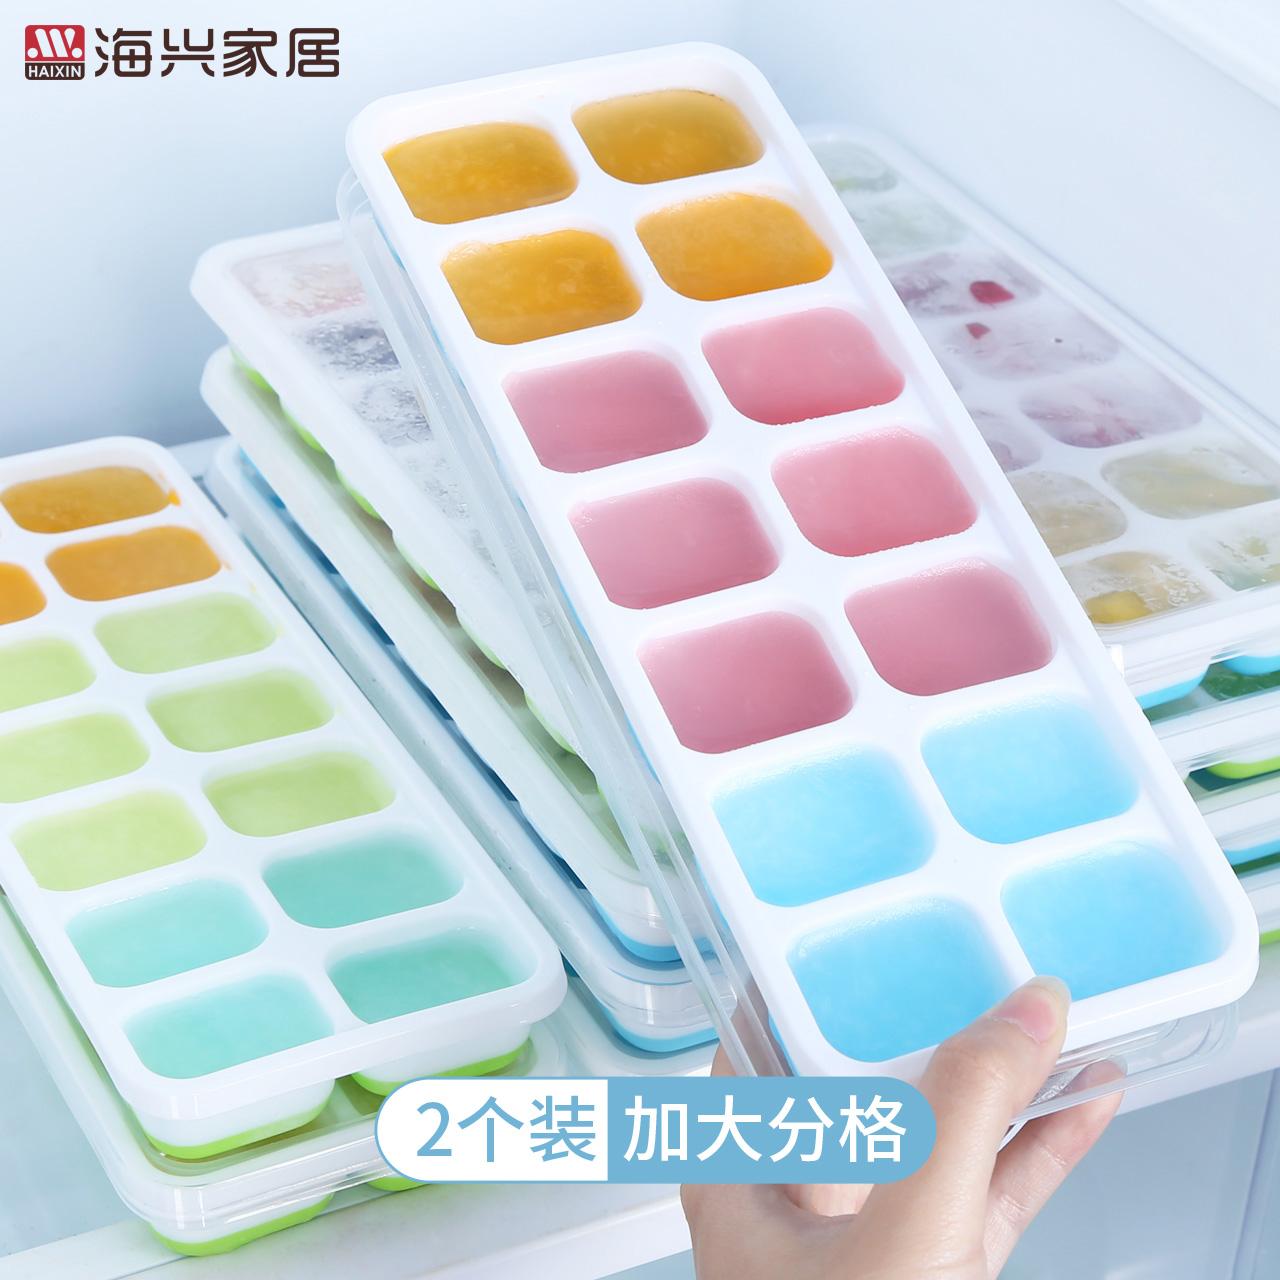 凍冰塊模具矽膠創意卡通模型製冰盒冰塊盒冰格帶蓋家用冰棒模冰盒